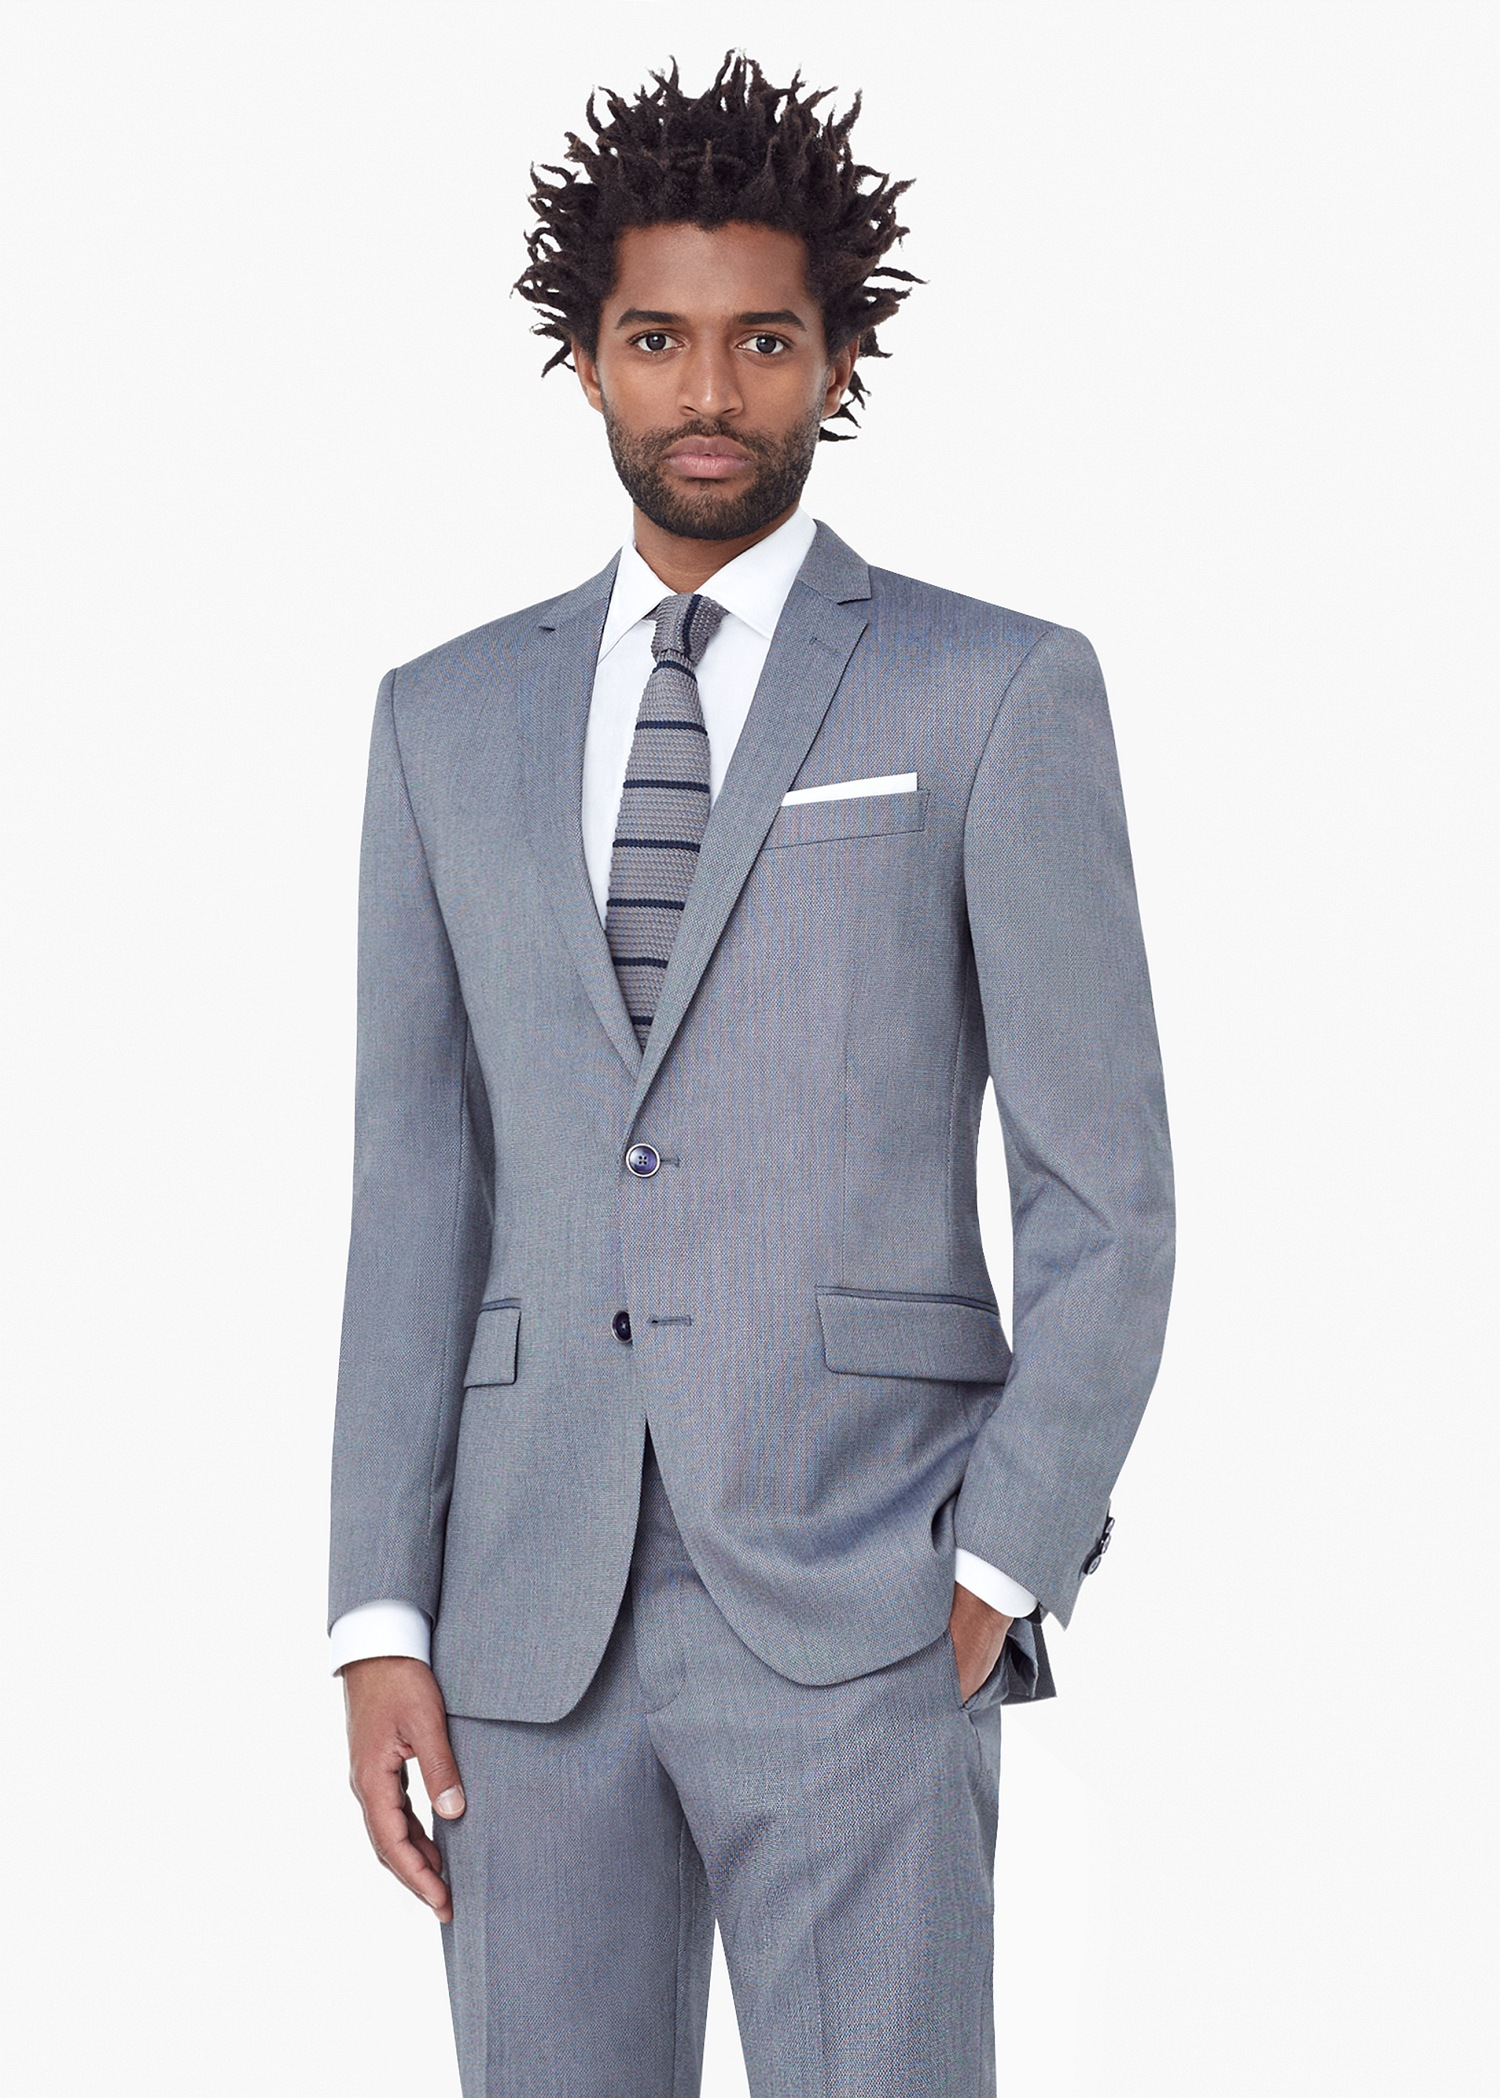 Imagen de combinaciones con camisa gris los trajes son - Combinaciones con gris ...